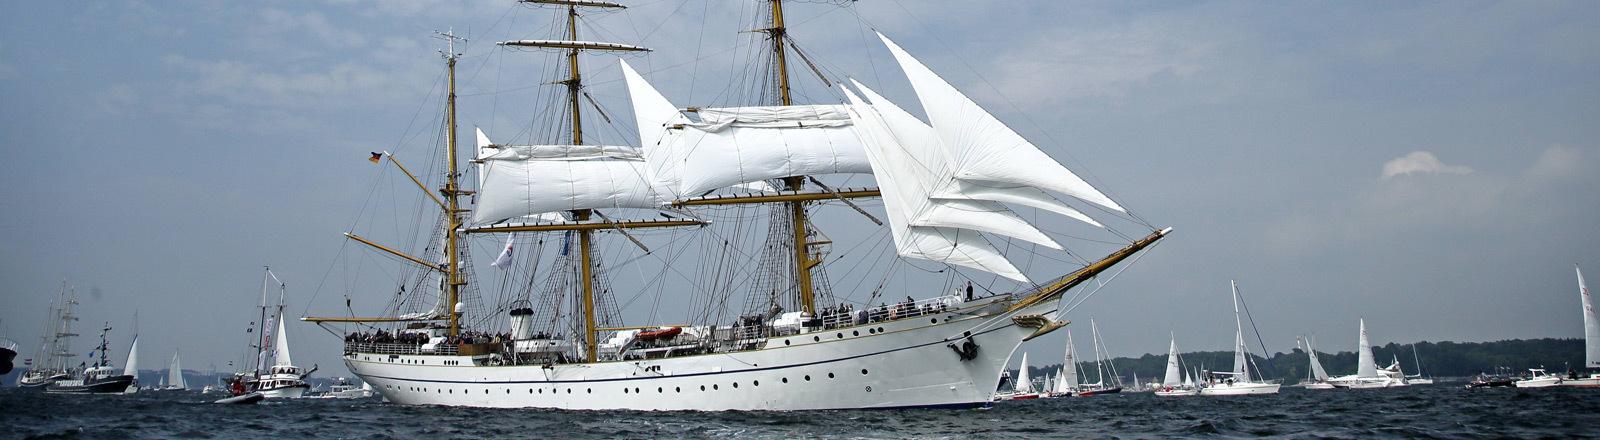 Gorch Fock: Segelschiff für die Ausbildung bei der Marine